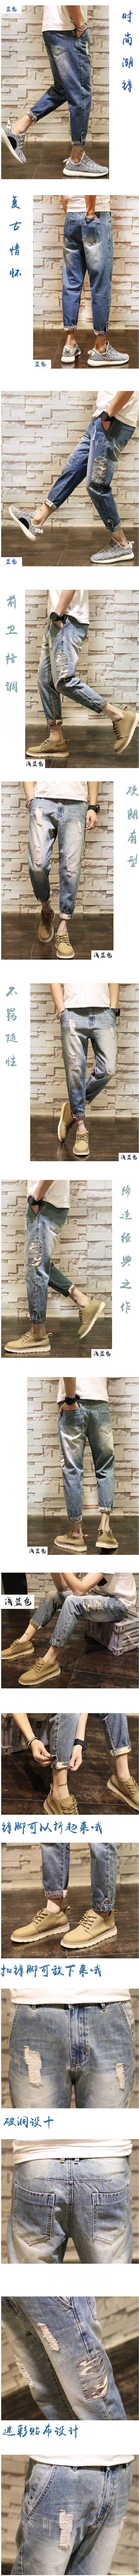 รองเท้าชาย กางเกงยีนส์ทรงฮาเร็มสไตล์ย้อนยุคแบบญี่ปุ่น ไซต์ 28-42